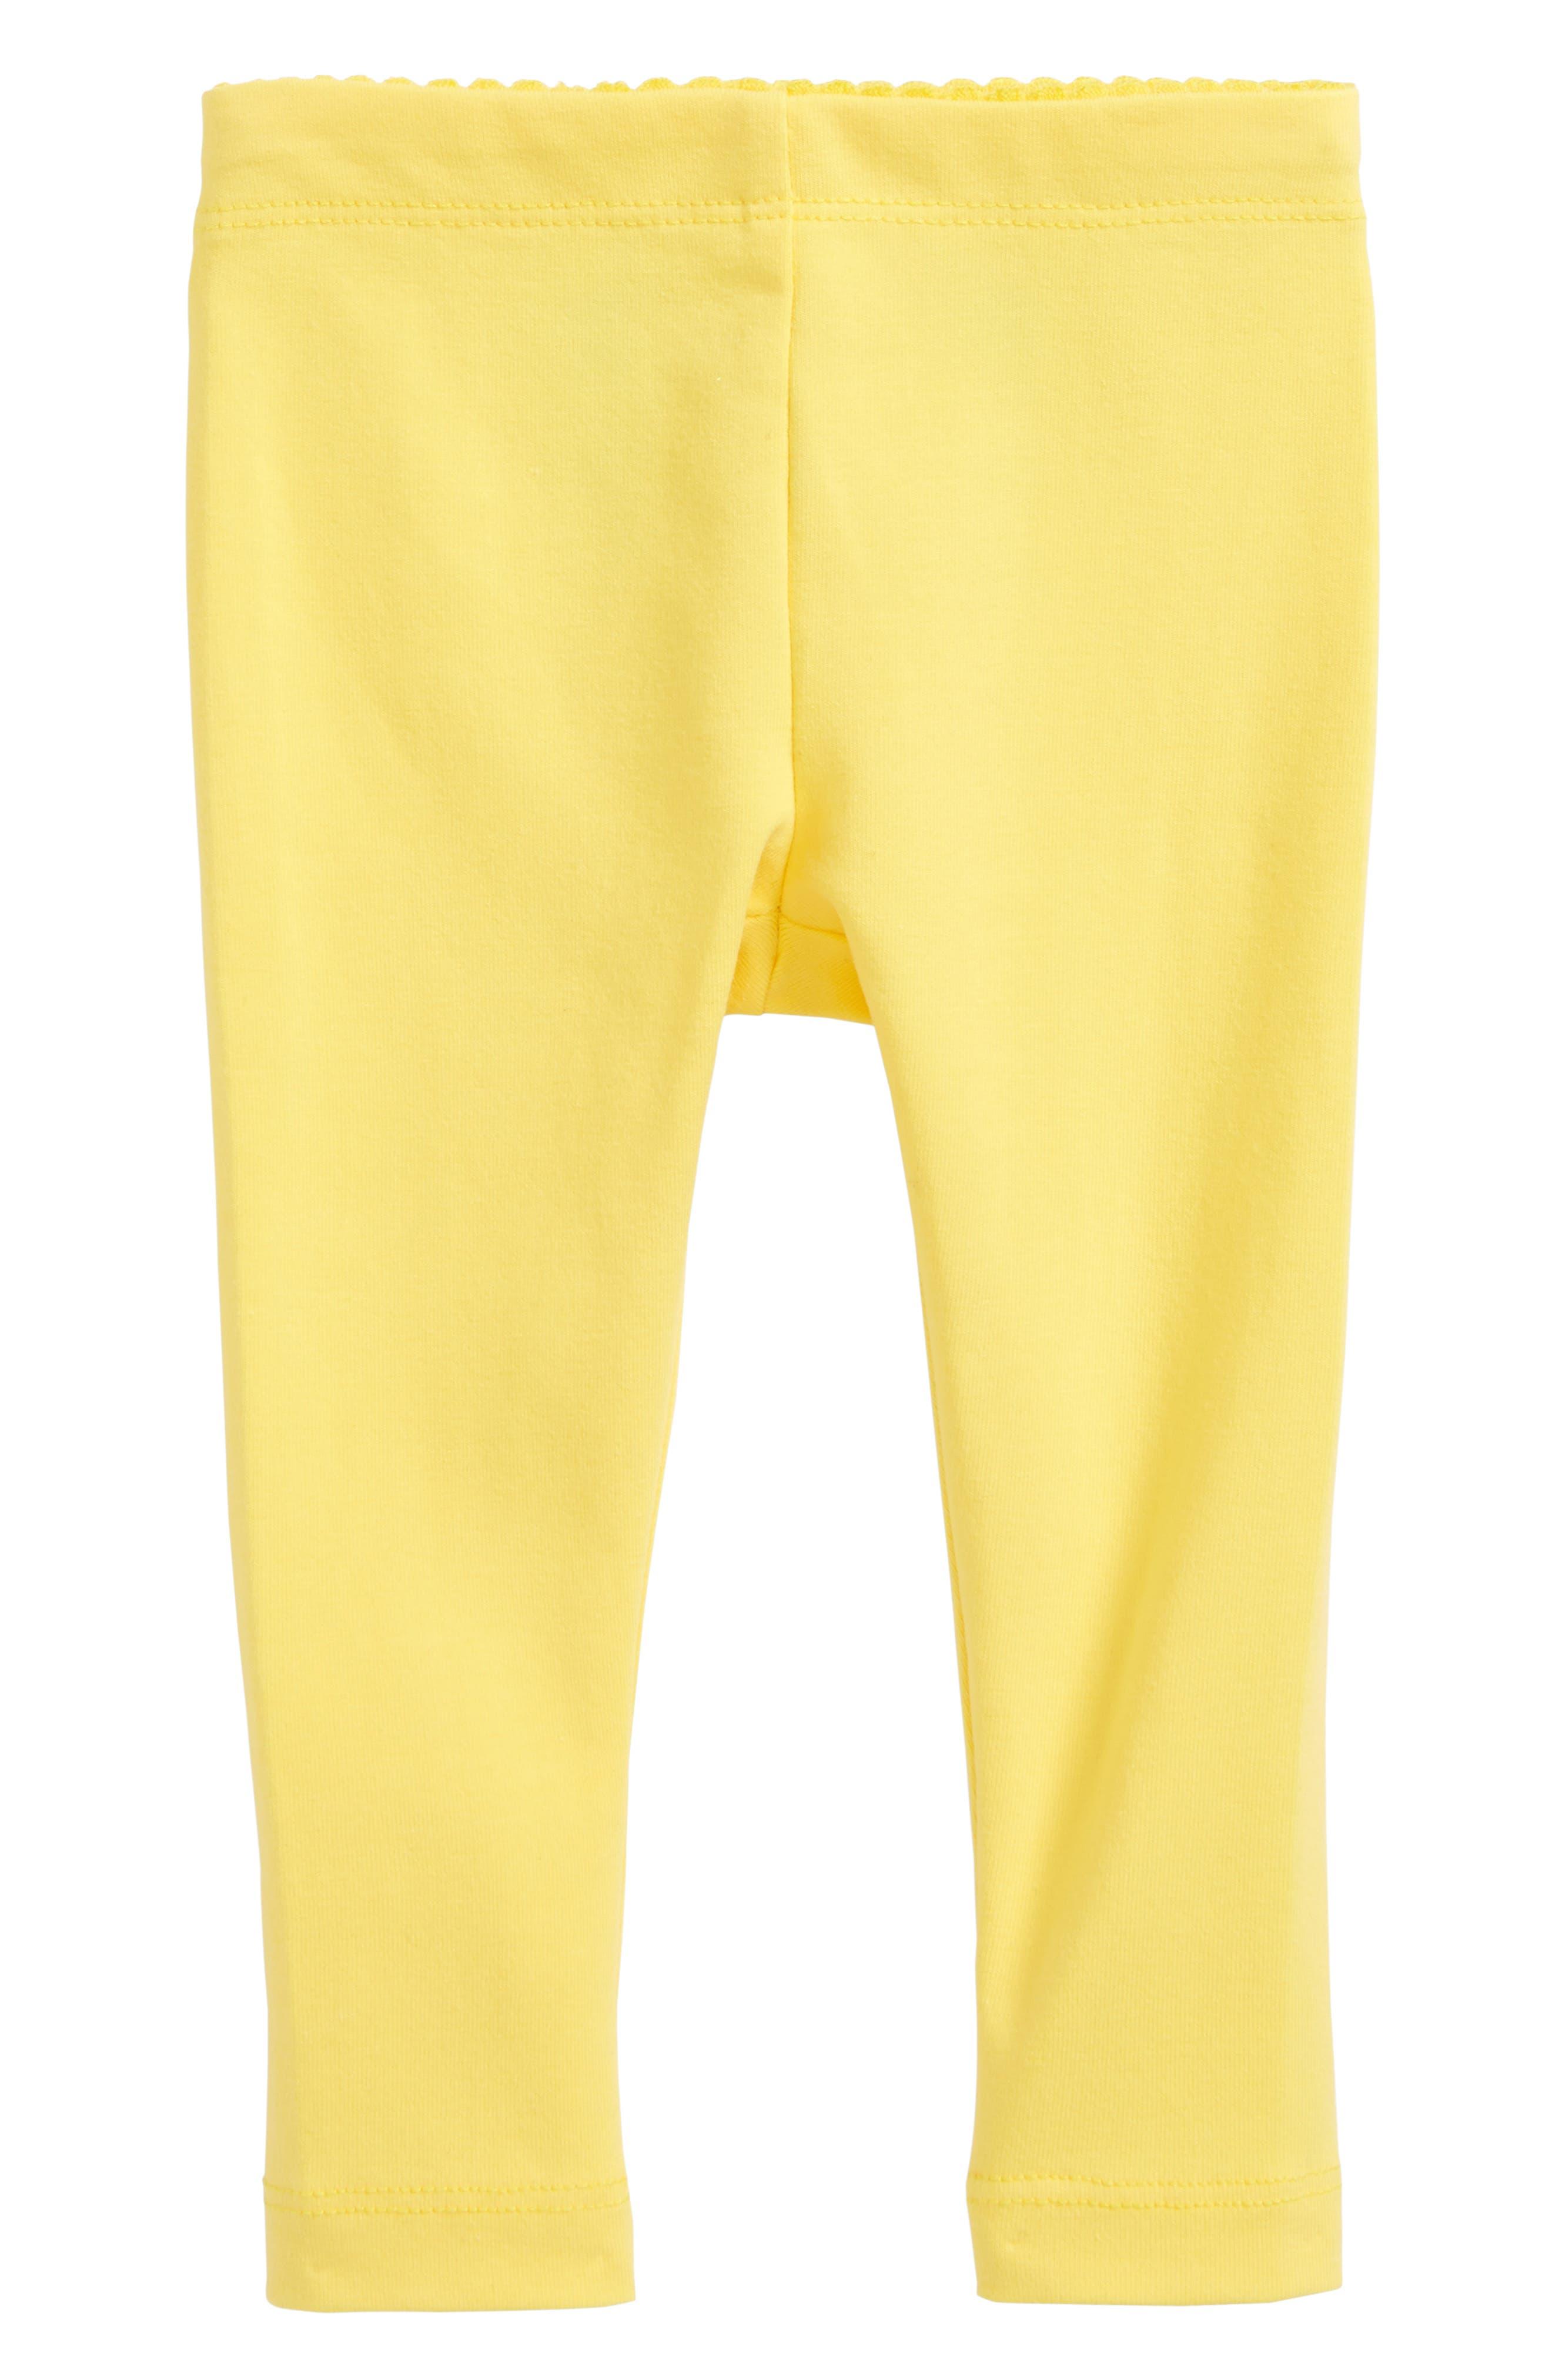 Solid Leggings,                         Main,                         color, Daffodil